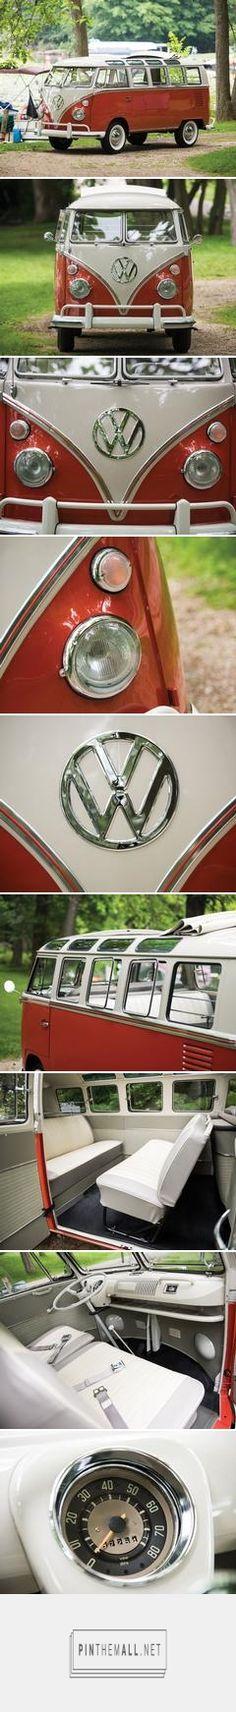 1965 Volkswagen Type 2 '21-Window' Deluxe Microbus | Hershey 2015 | RM Sotheby's